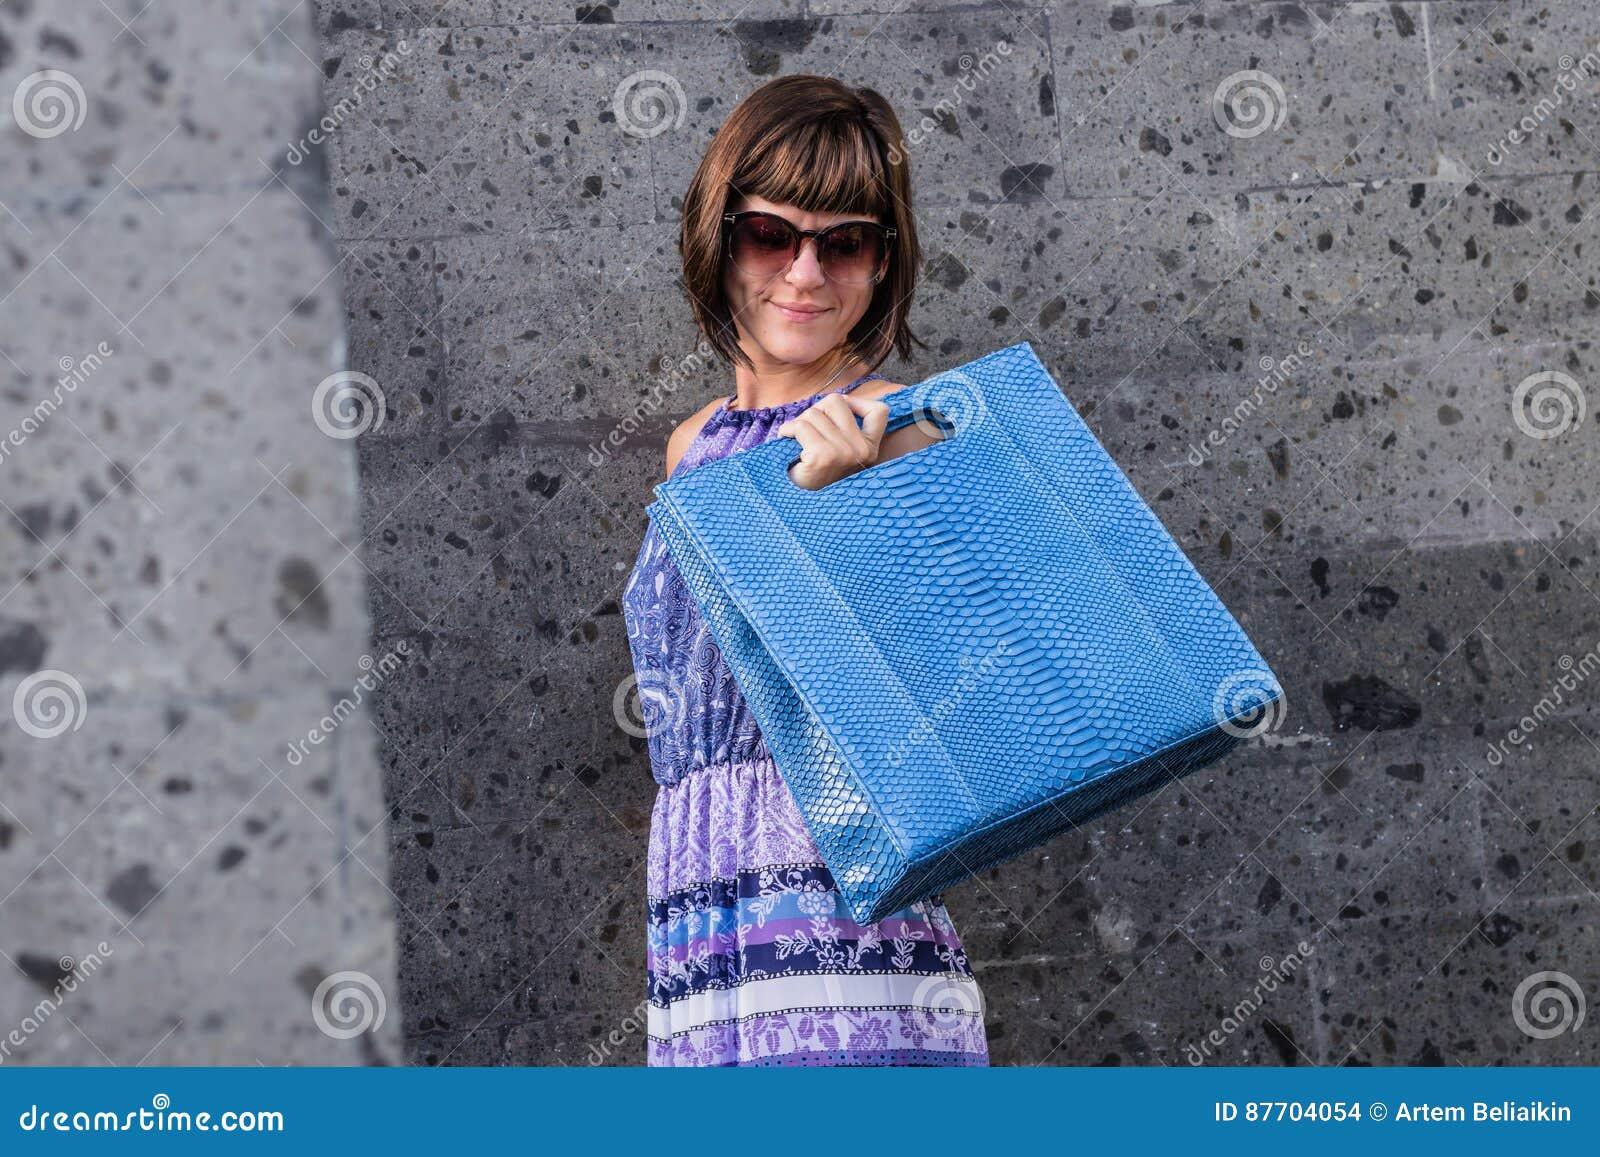 Beau grand sac à main bleu à la mode de python de peau de serpent sur le bras de la fille dans une robe à la mode, posant près du